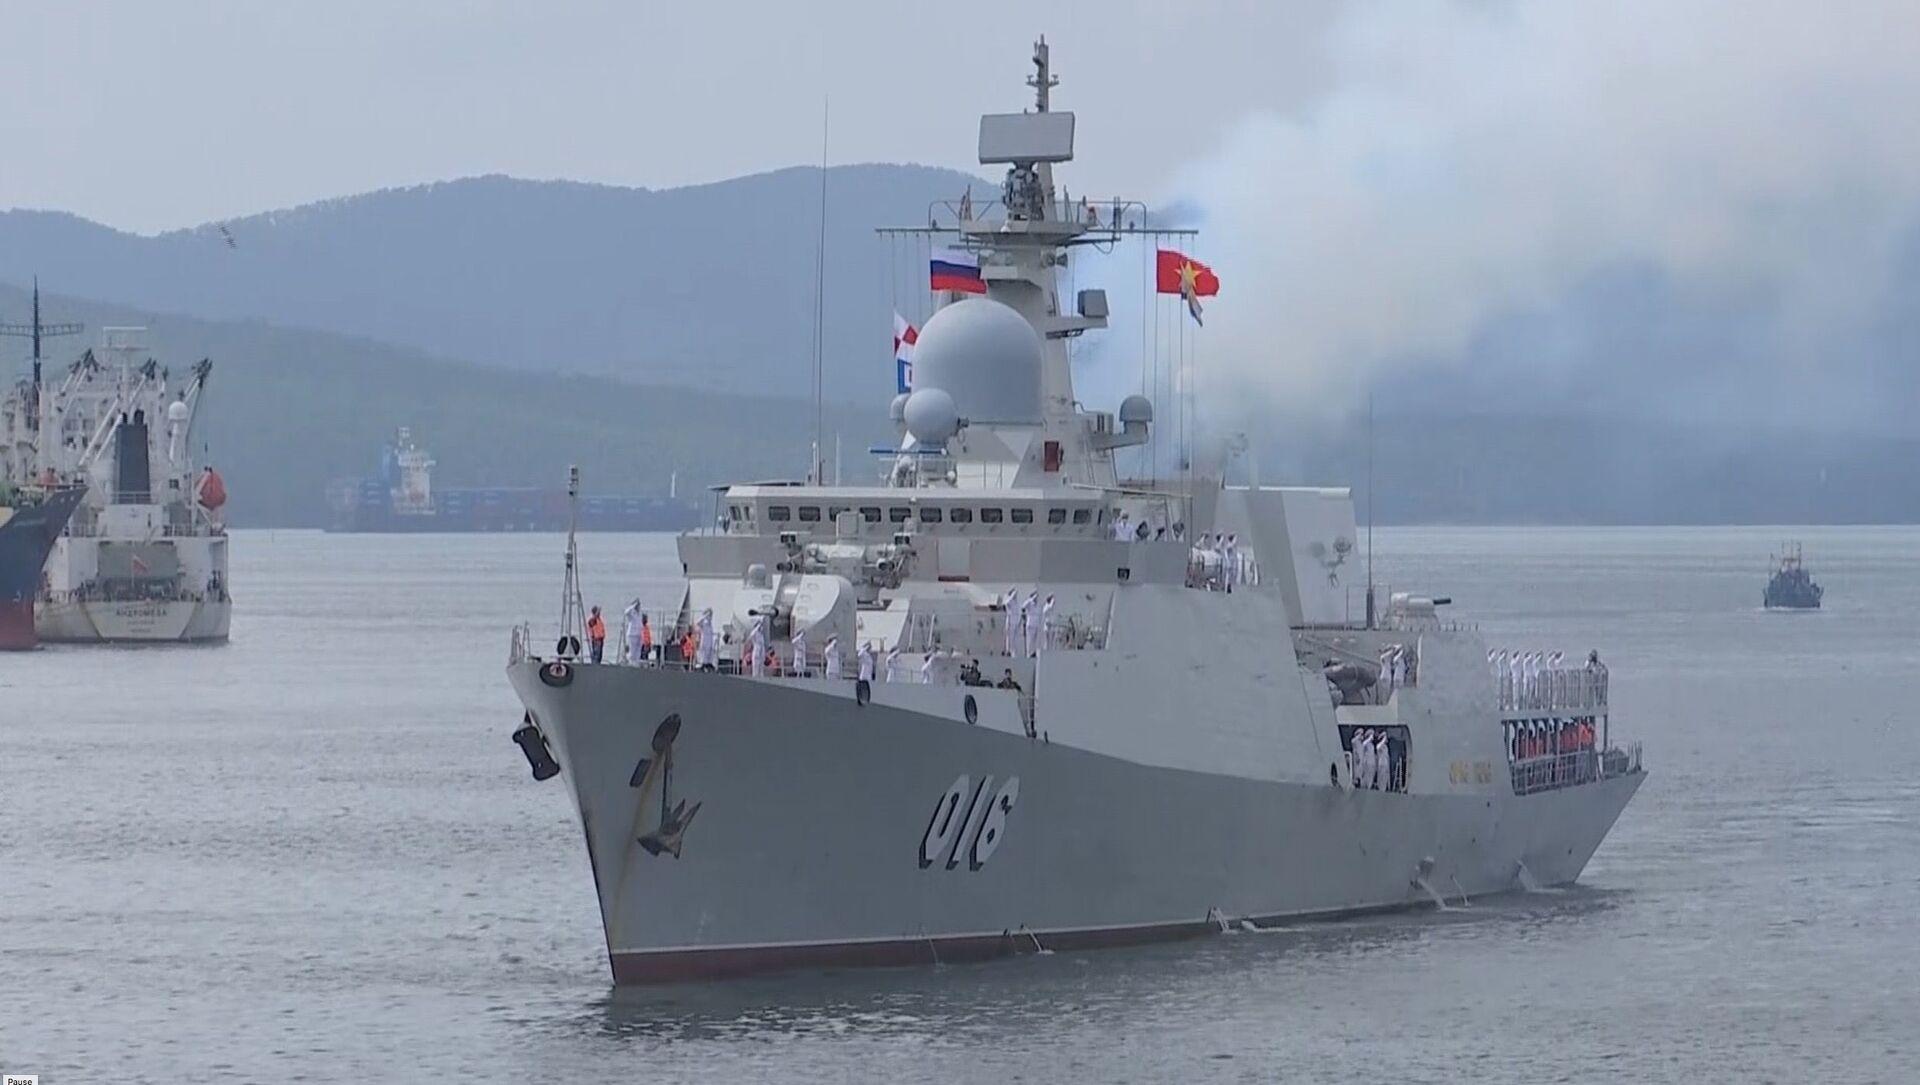 Các chiến hạm của Hải quân Việt Nam được chào đón long trọng tại bến tàu của Hạm đội Thái Bình Dương trong khuôn khổ cuộc thi Cúp Biển - Sputnik Việt Nam, 1920, 19.08.2021